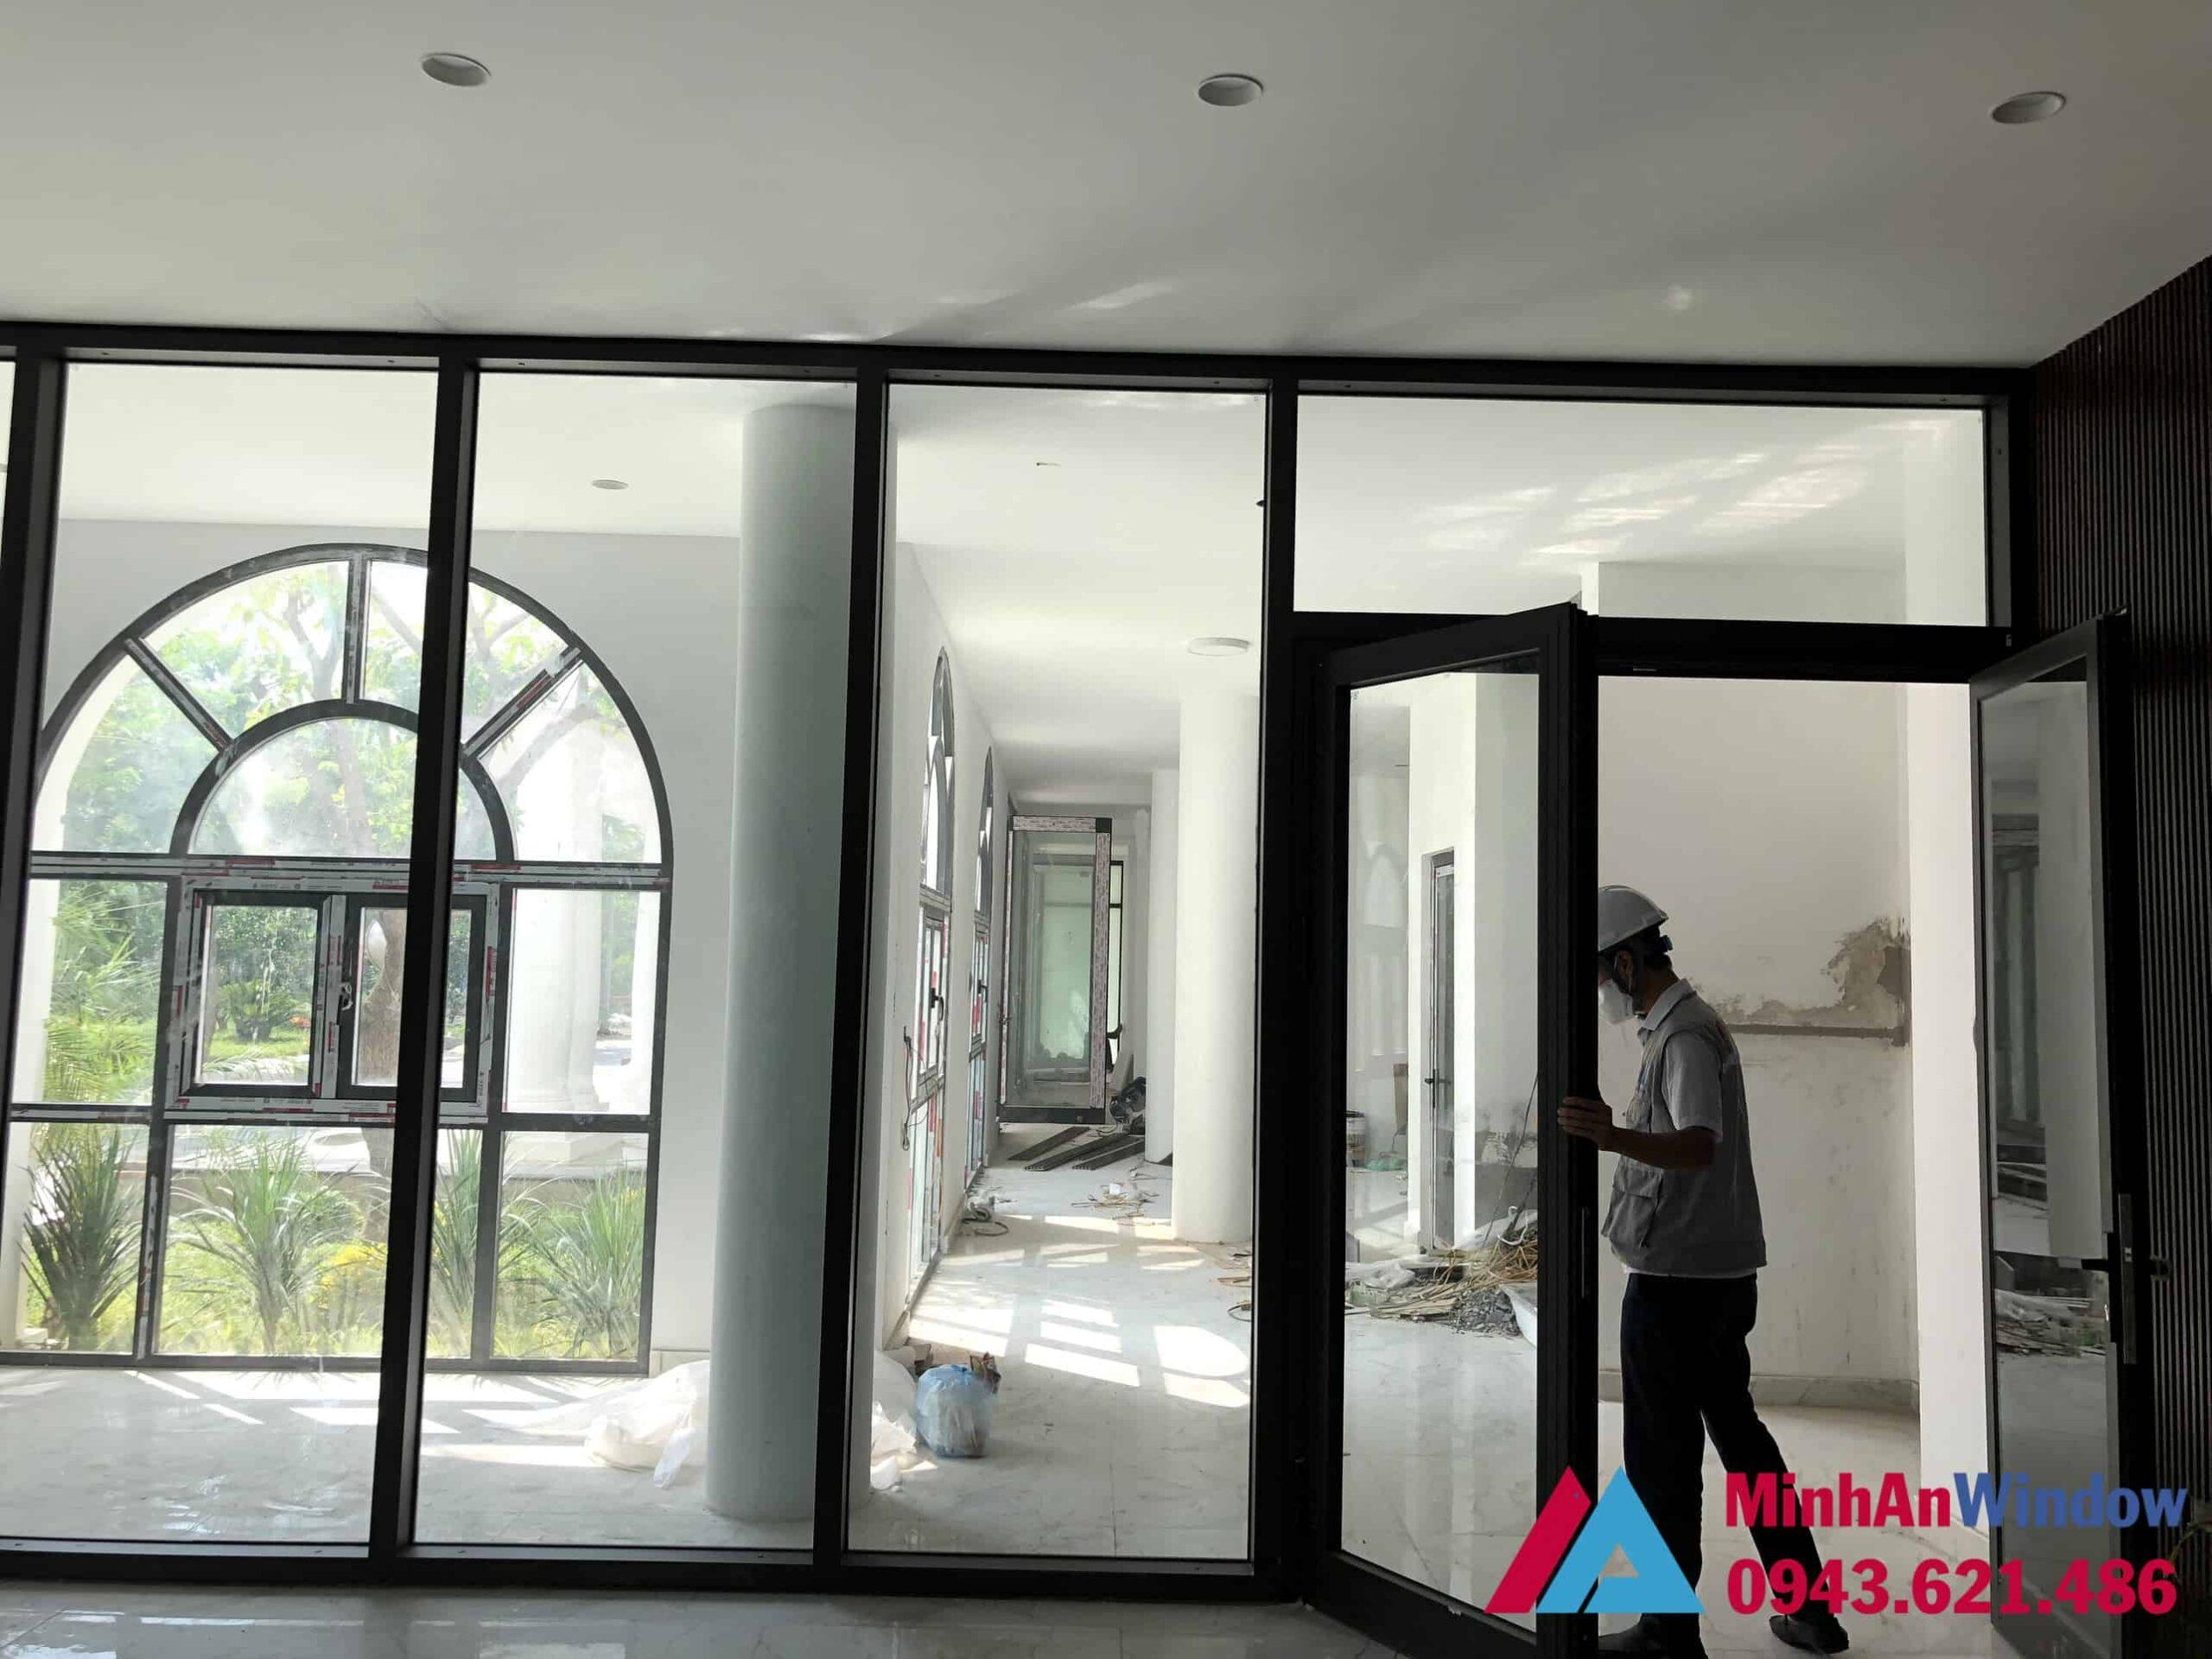 Mẫu cửa nhôm kính 2 cánh và vách nhôm kính Minh An Window lắp đặt tại KCN Thăng Long - Hà Nội